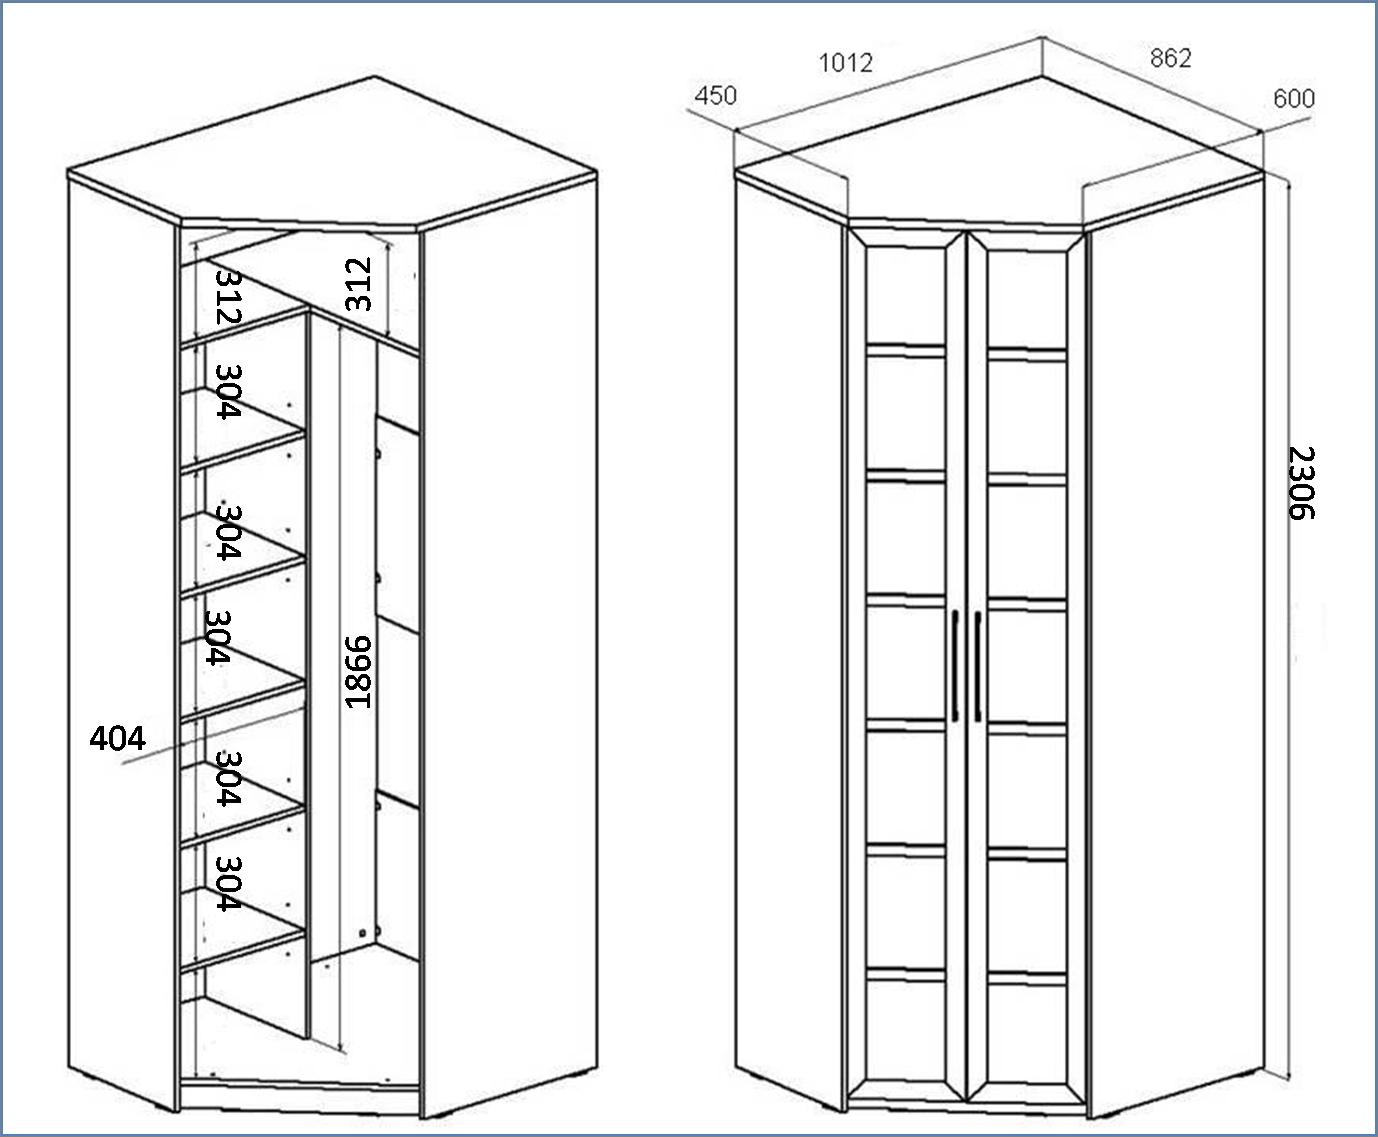 Как сделать угловой шкаф своими руками схемы чертежи фото